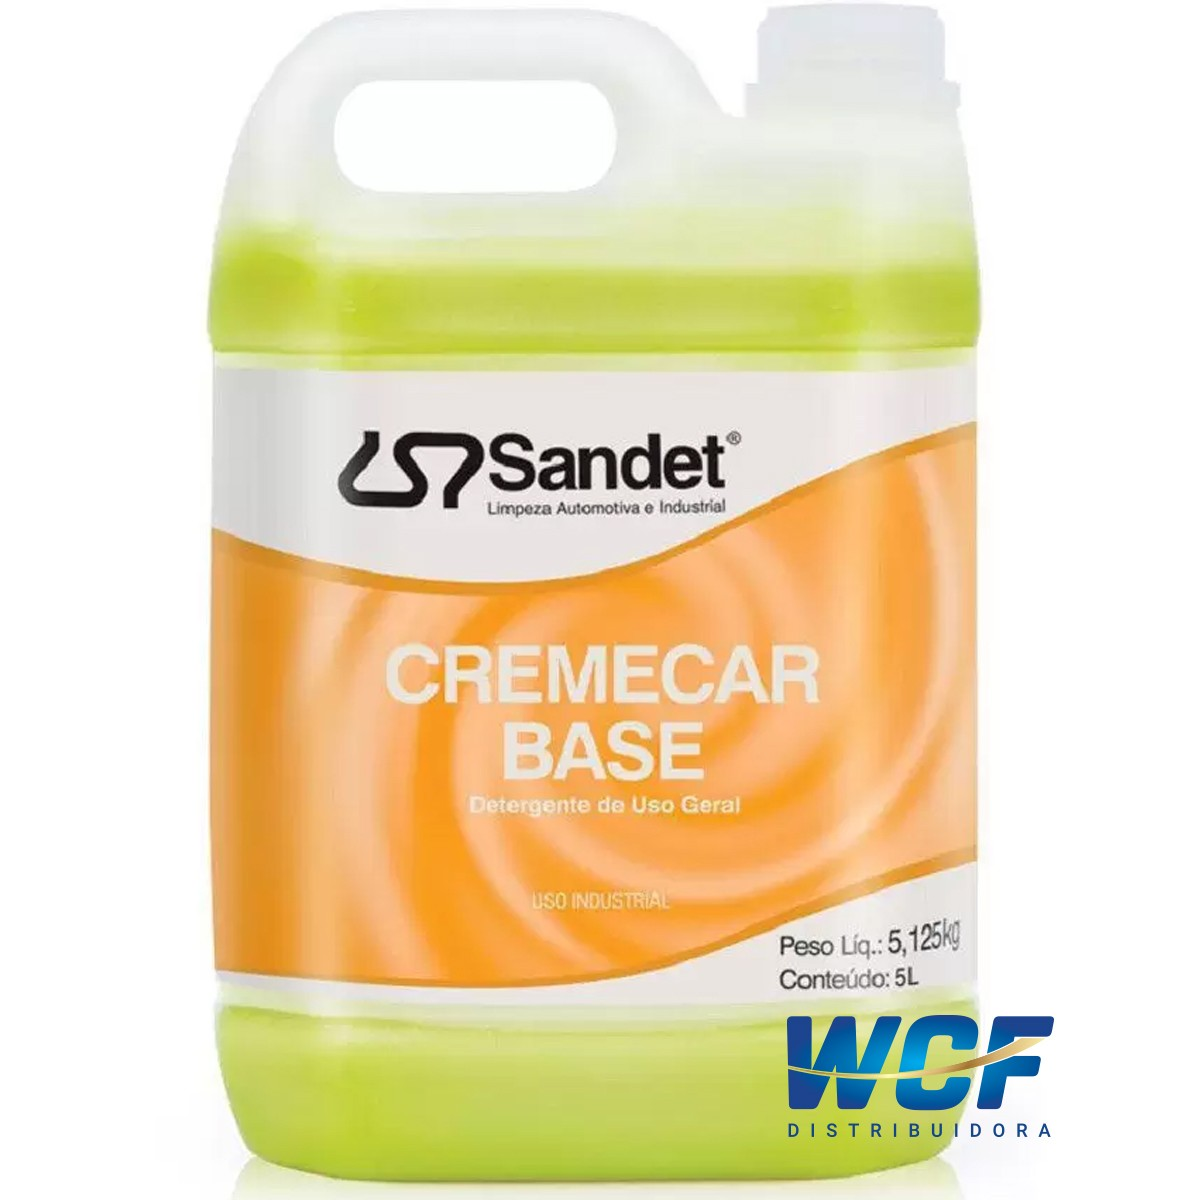 SANDET CREMECAR BASE SHAMPOO 5LT